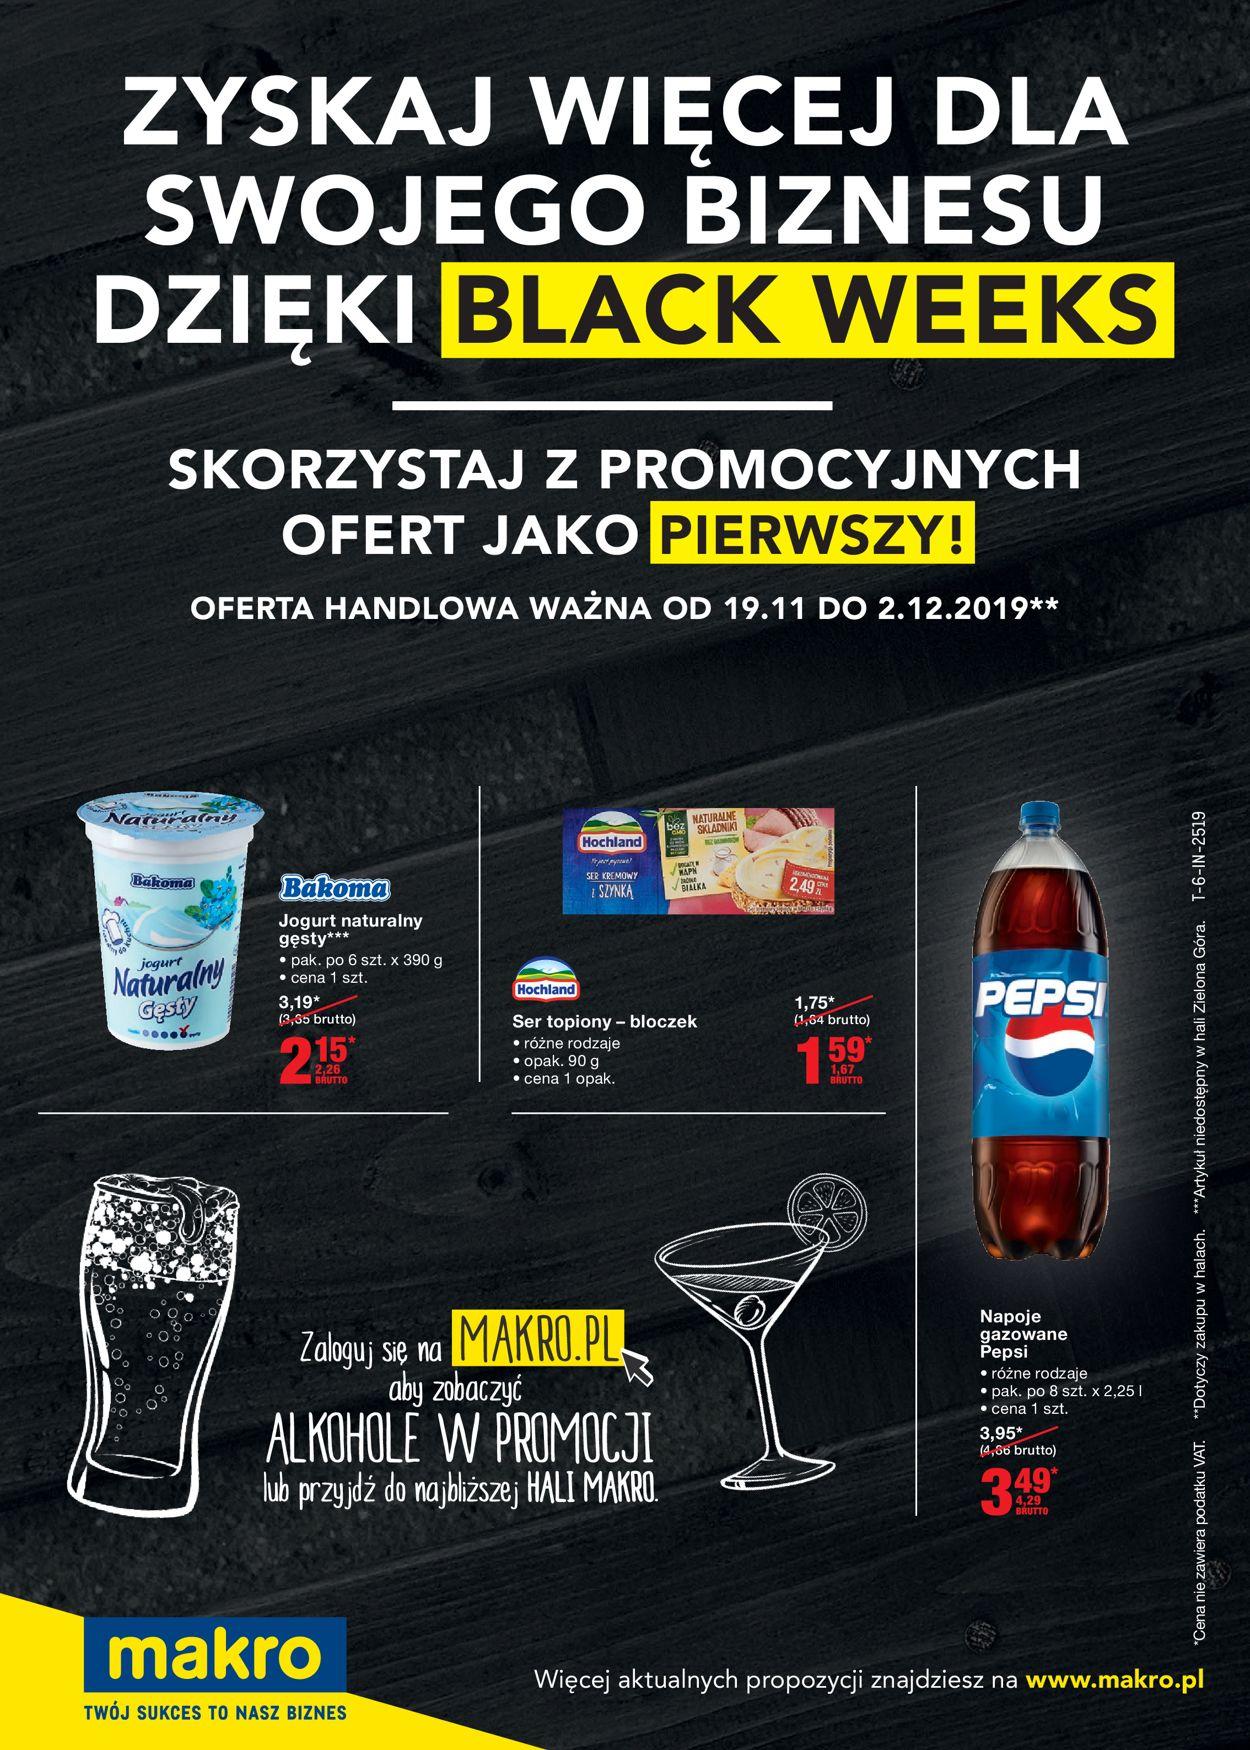 Gazetka promocyjna Makro - Black Weeks 2019 - 19.11-02.12.2019